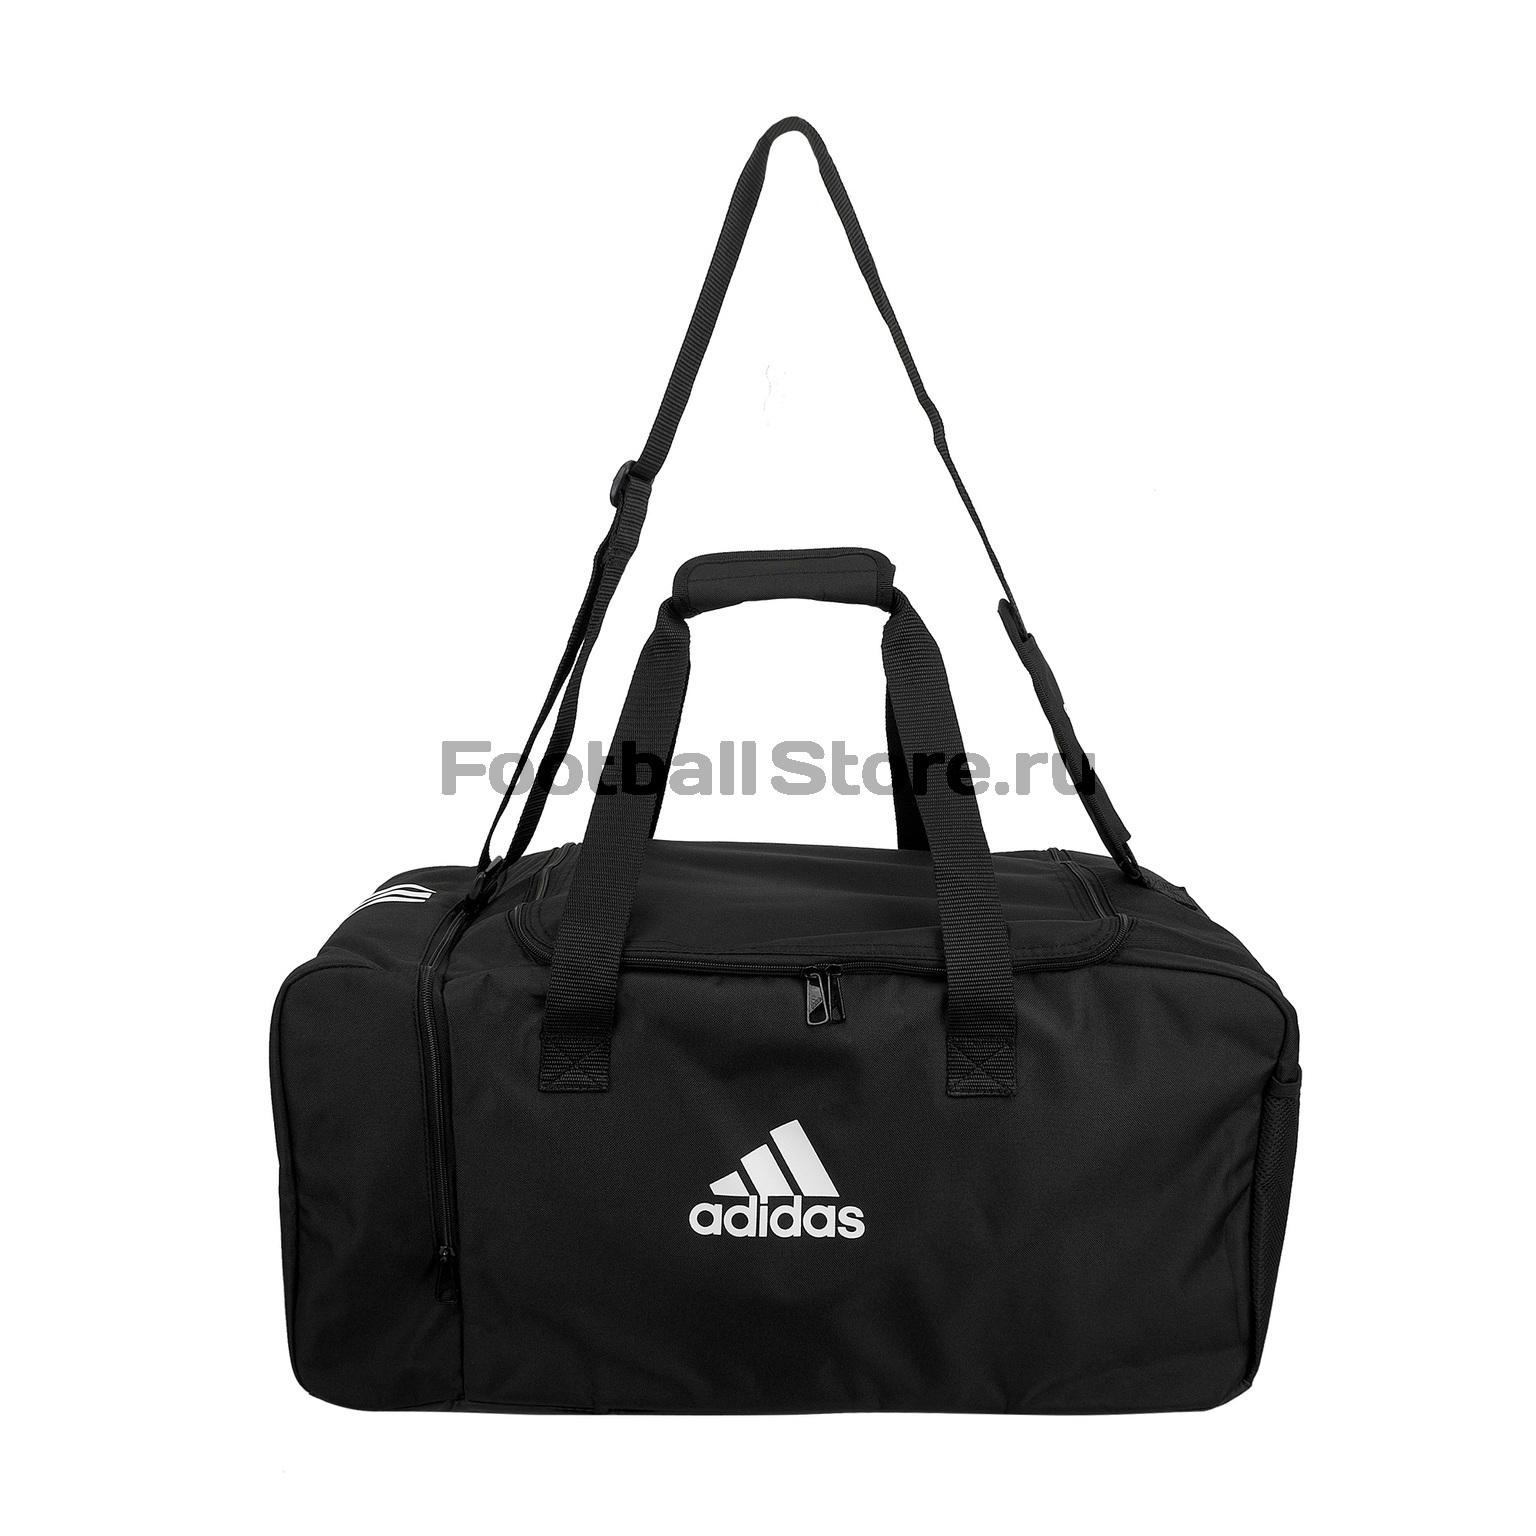 Сумка Adidas Tiro M DQ1071 сумка adidas tiro m s96148